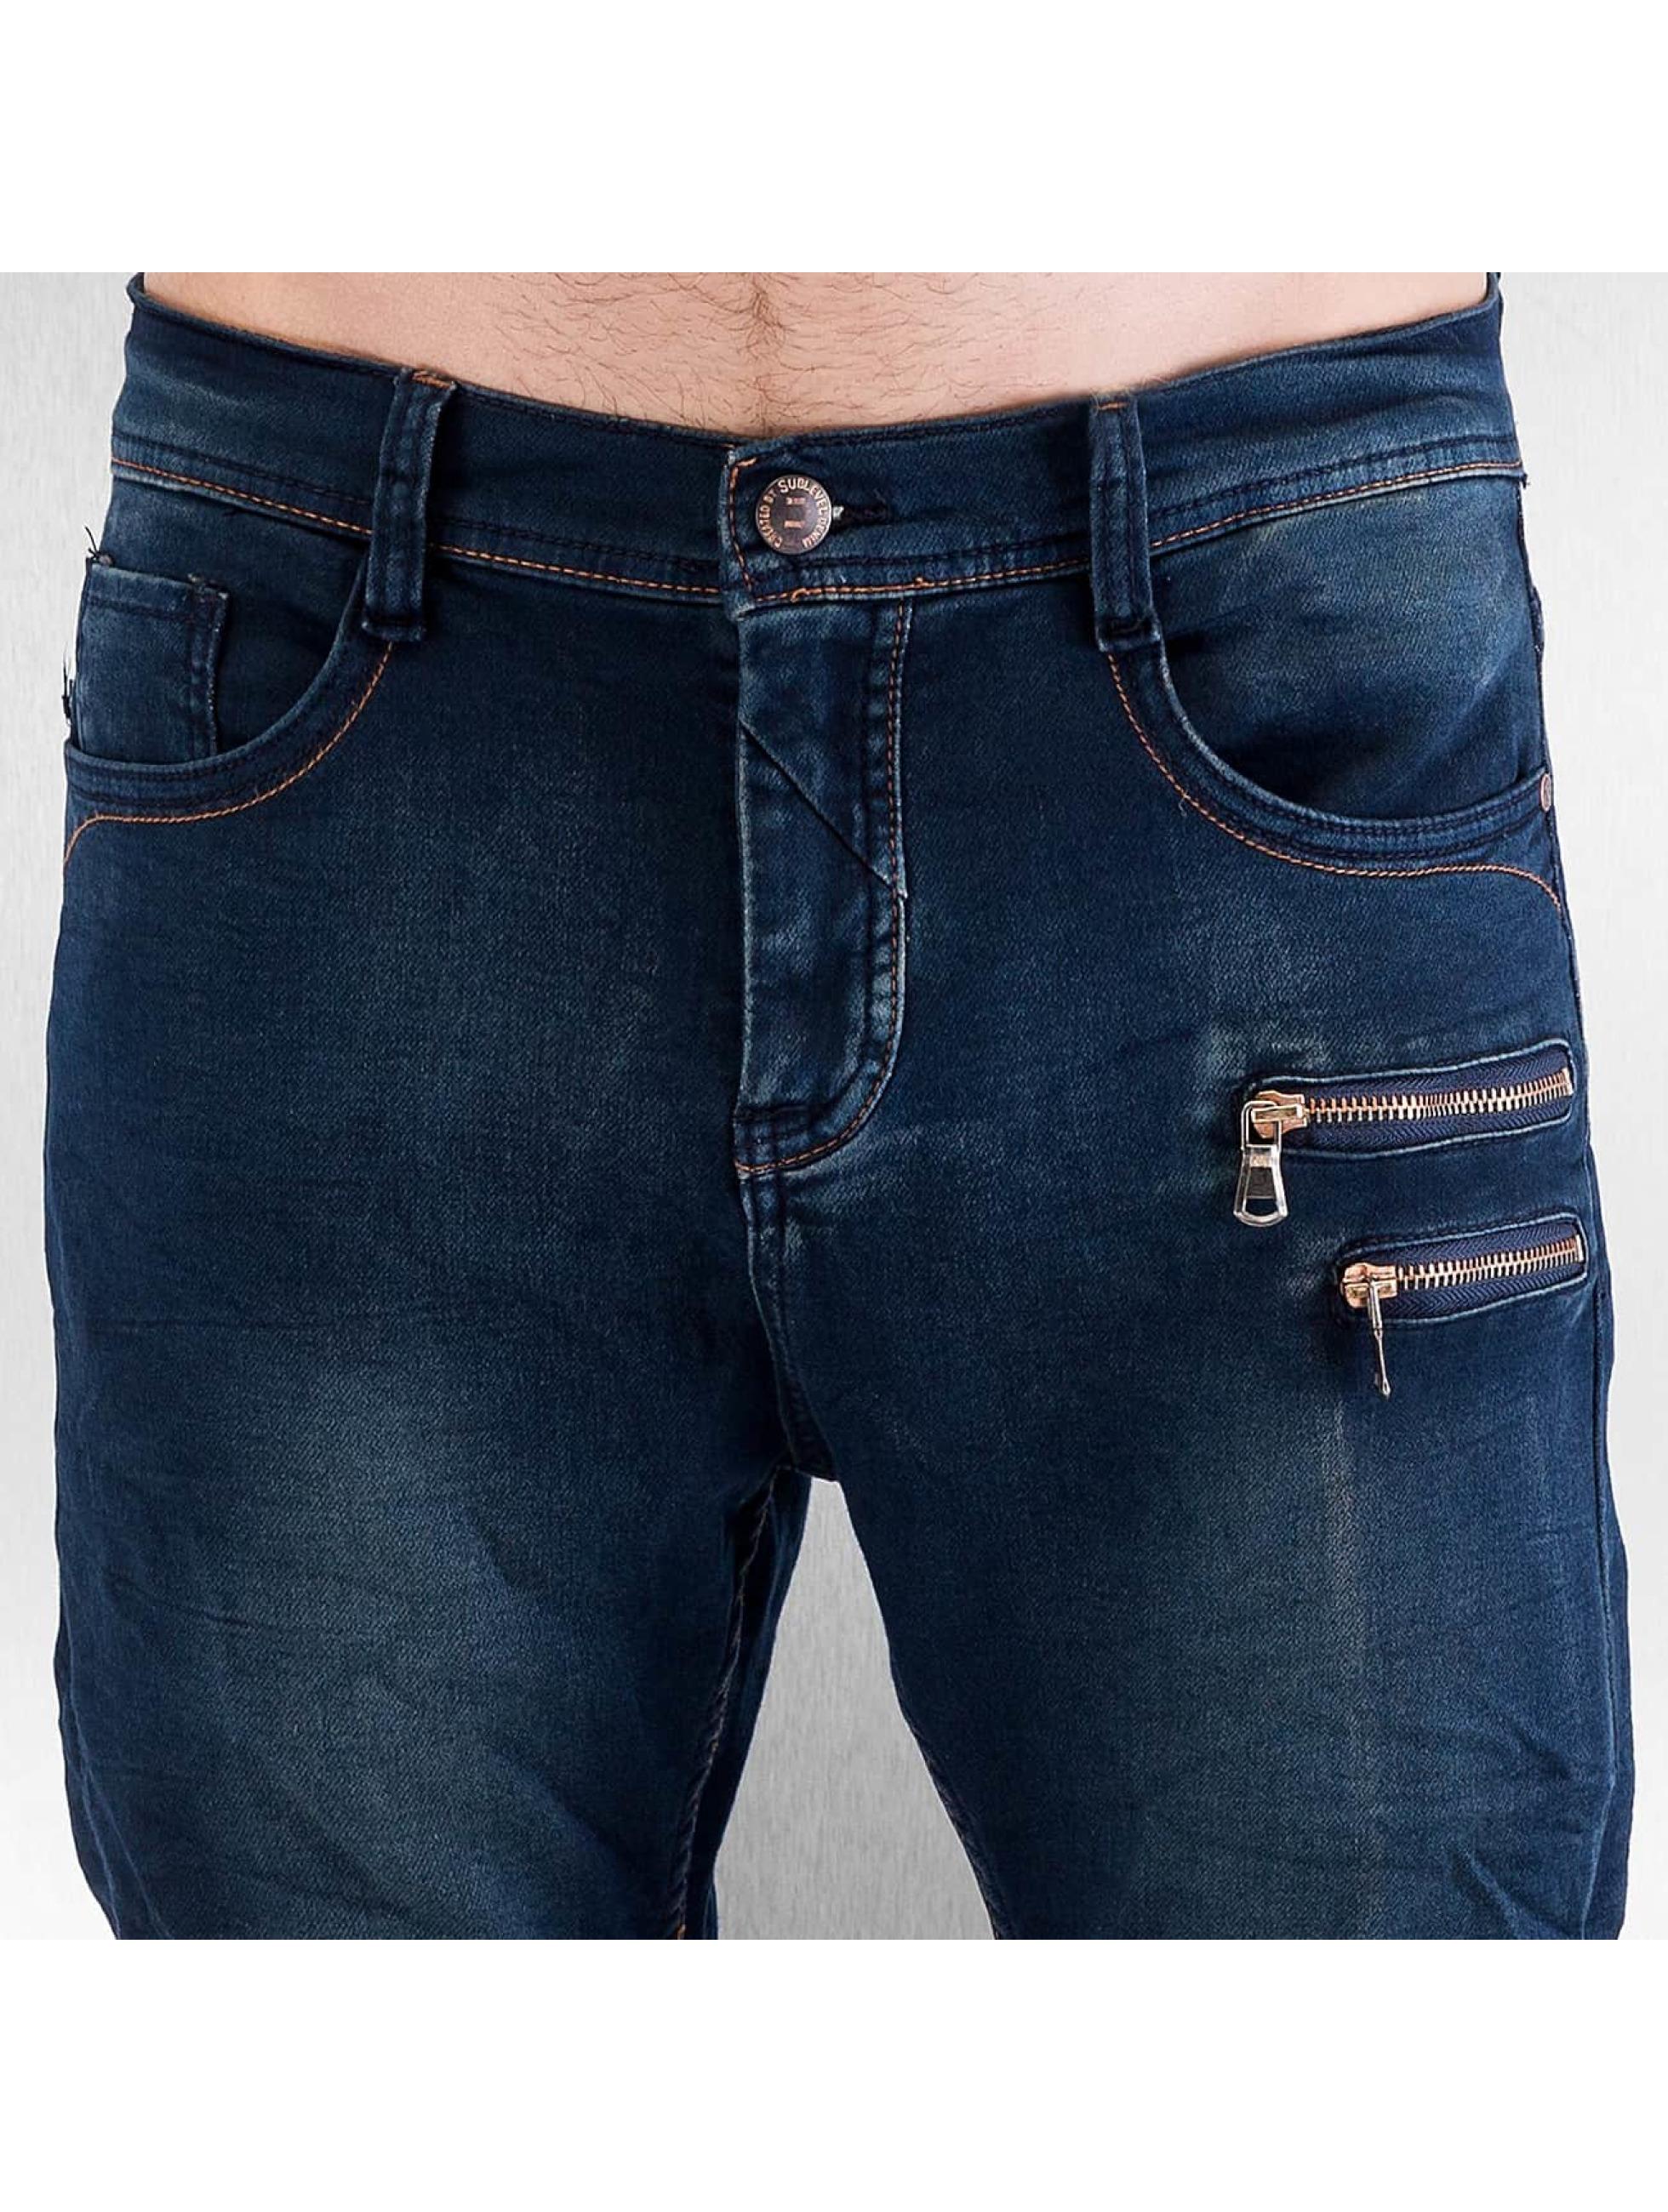 Authentic Style Облегающие джинсы Jogger синий